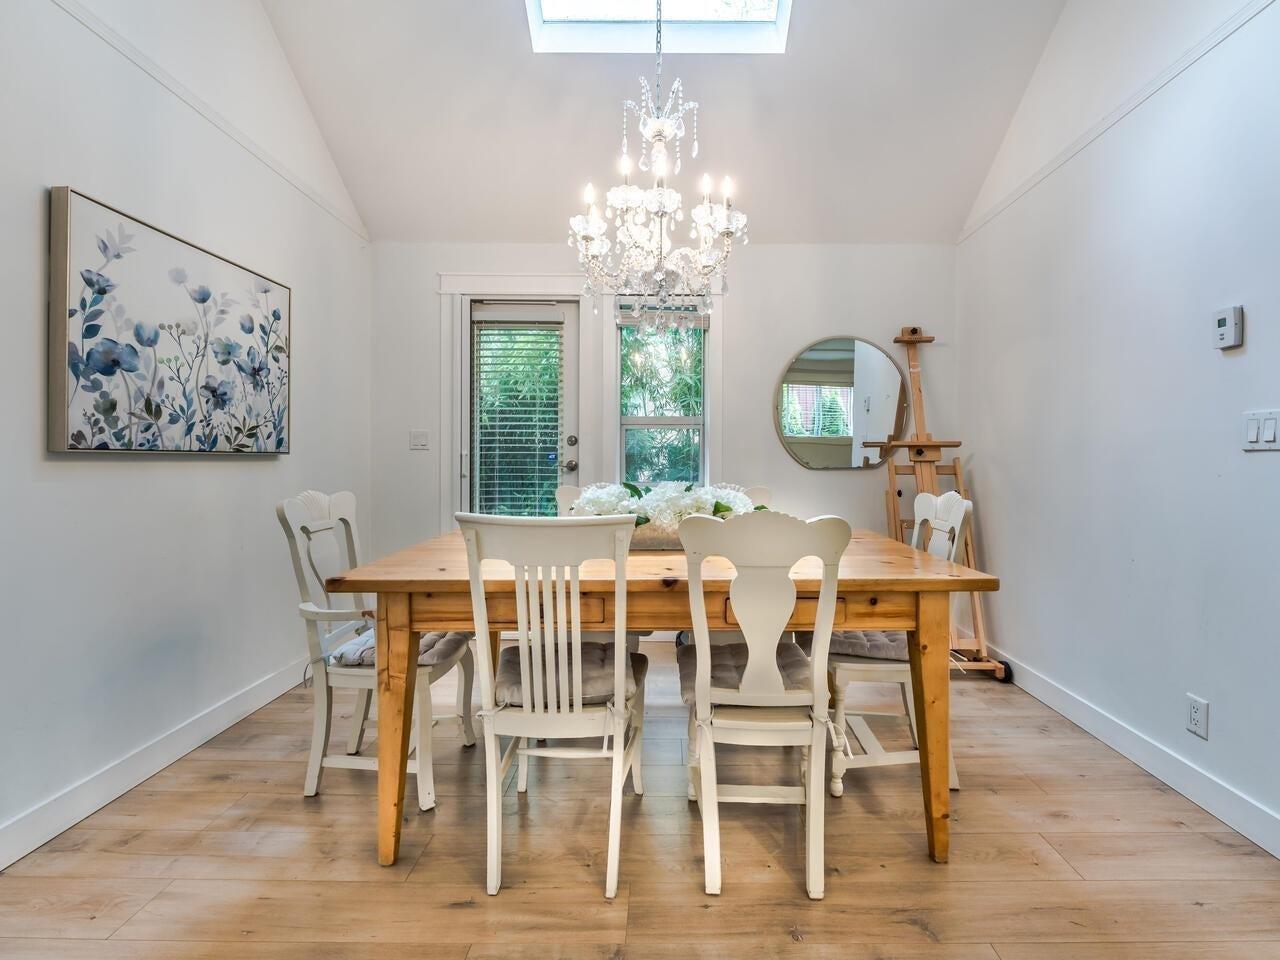 1231 E 11TH AVENUE - Mount Pleasant VE 1/2 Duplex for sale, 3 Bedrooms (R2625828) - #18